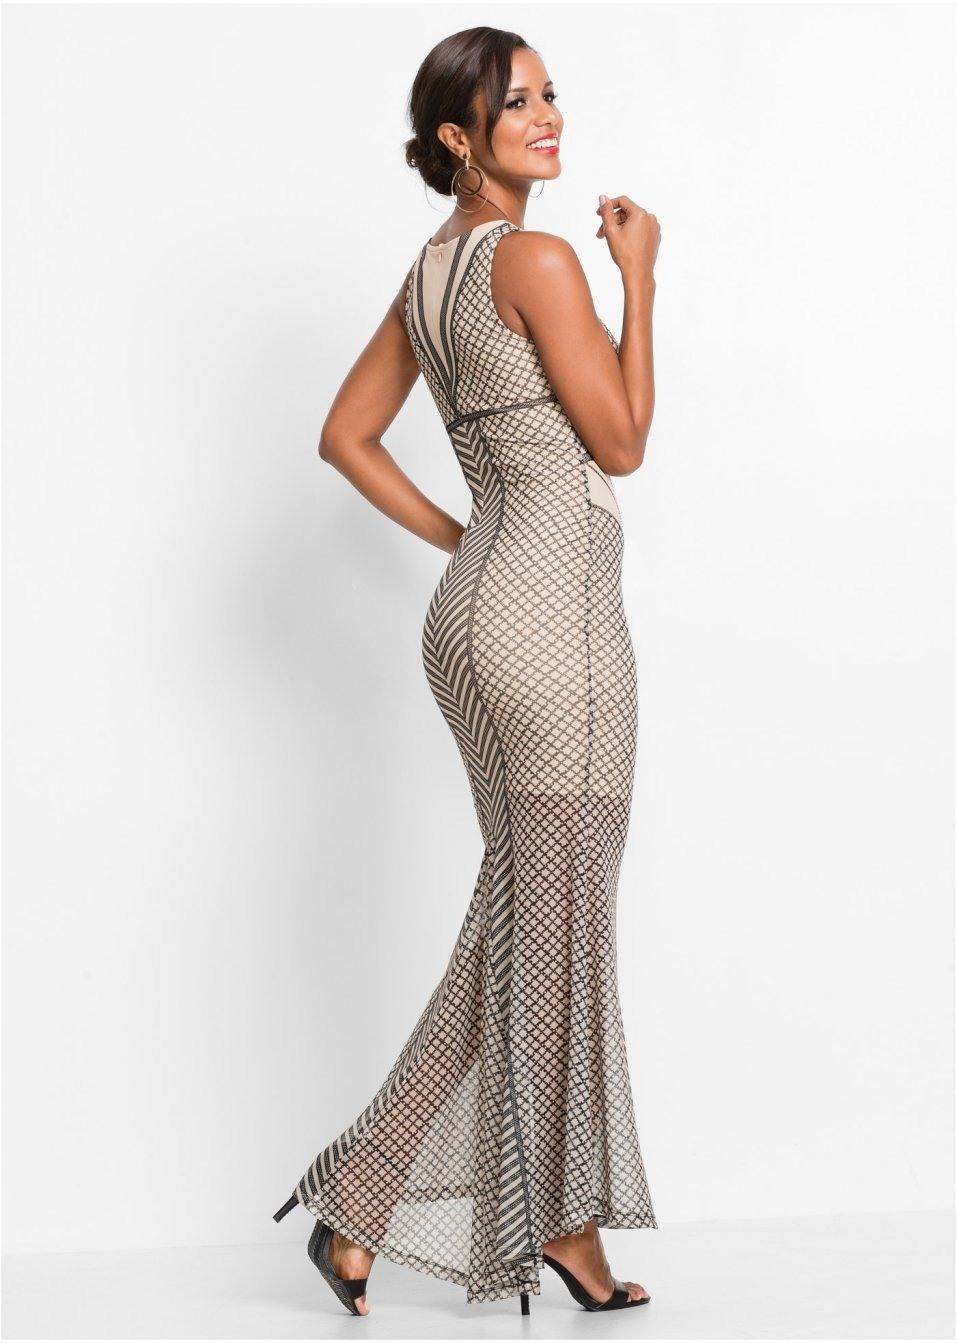 Einfach Abendkleid De Vertrieb13 Luxurius Abendkleid De Ärmel